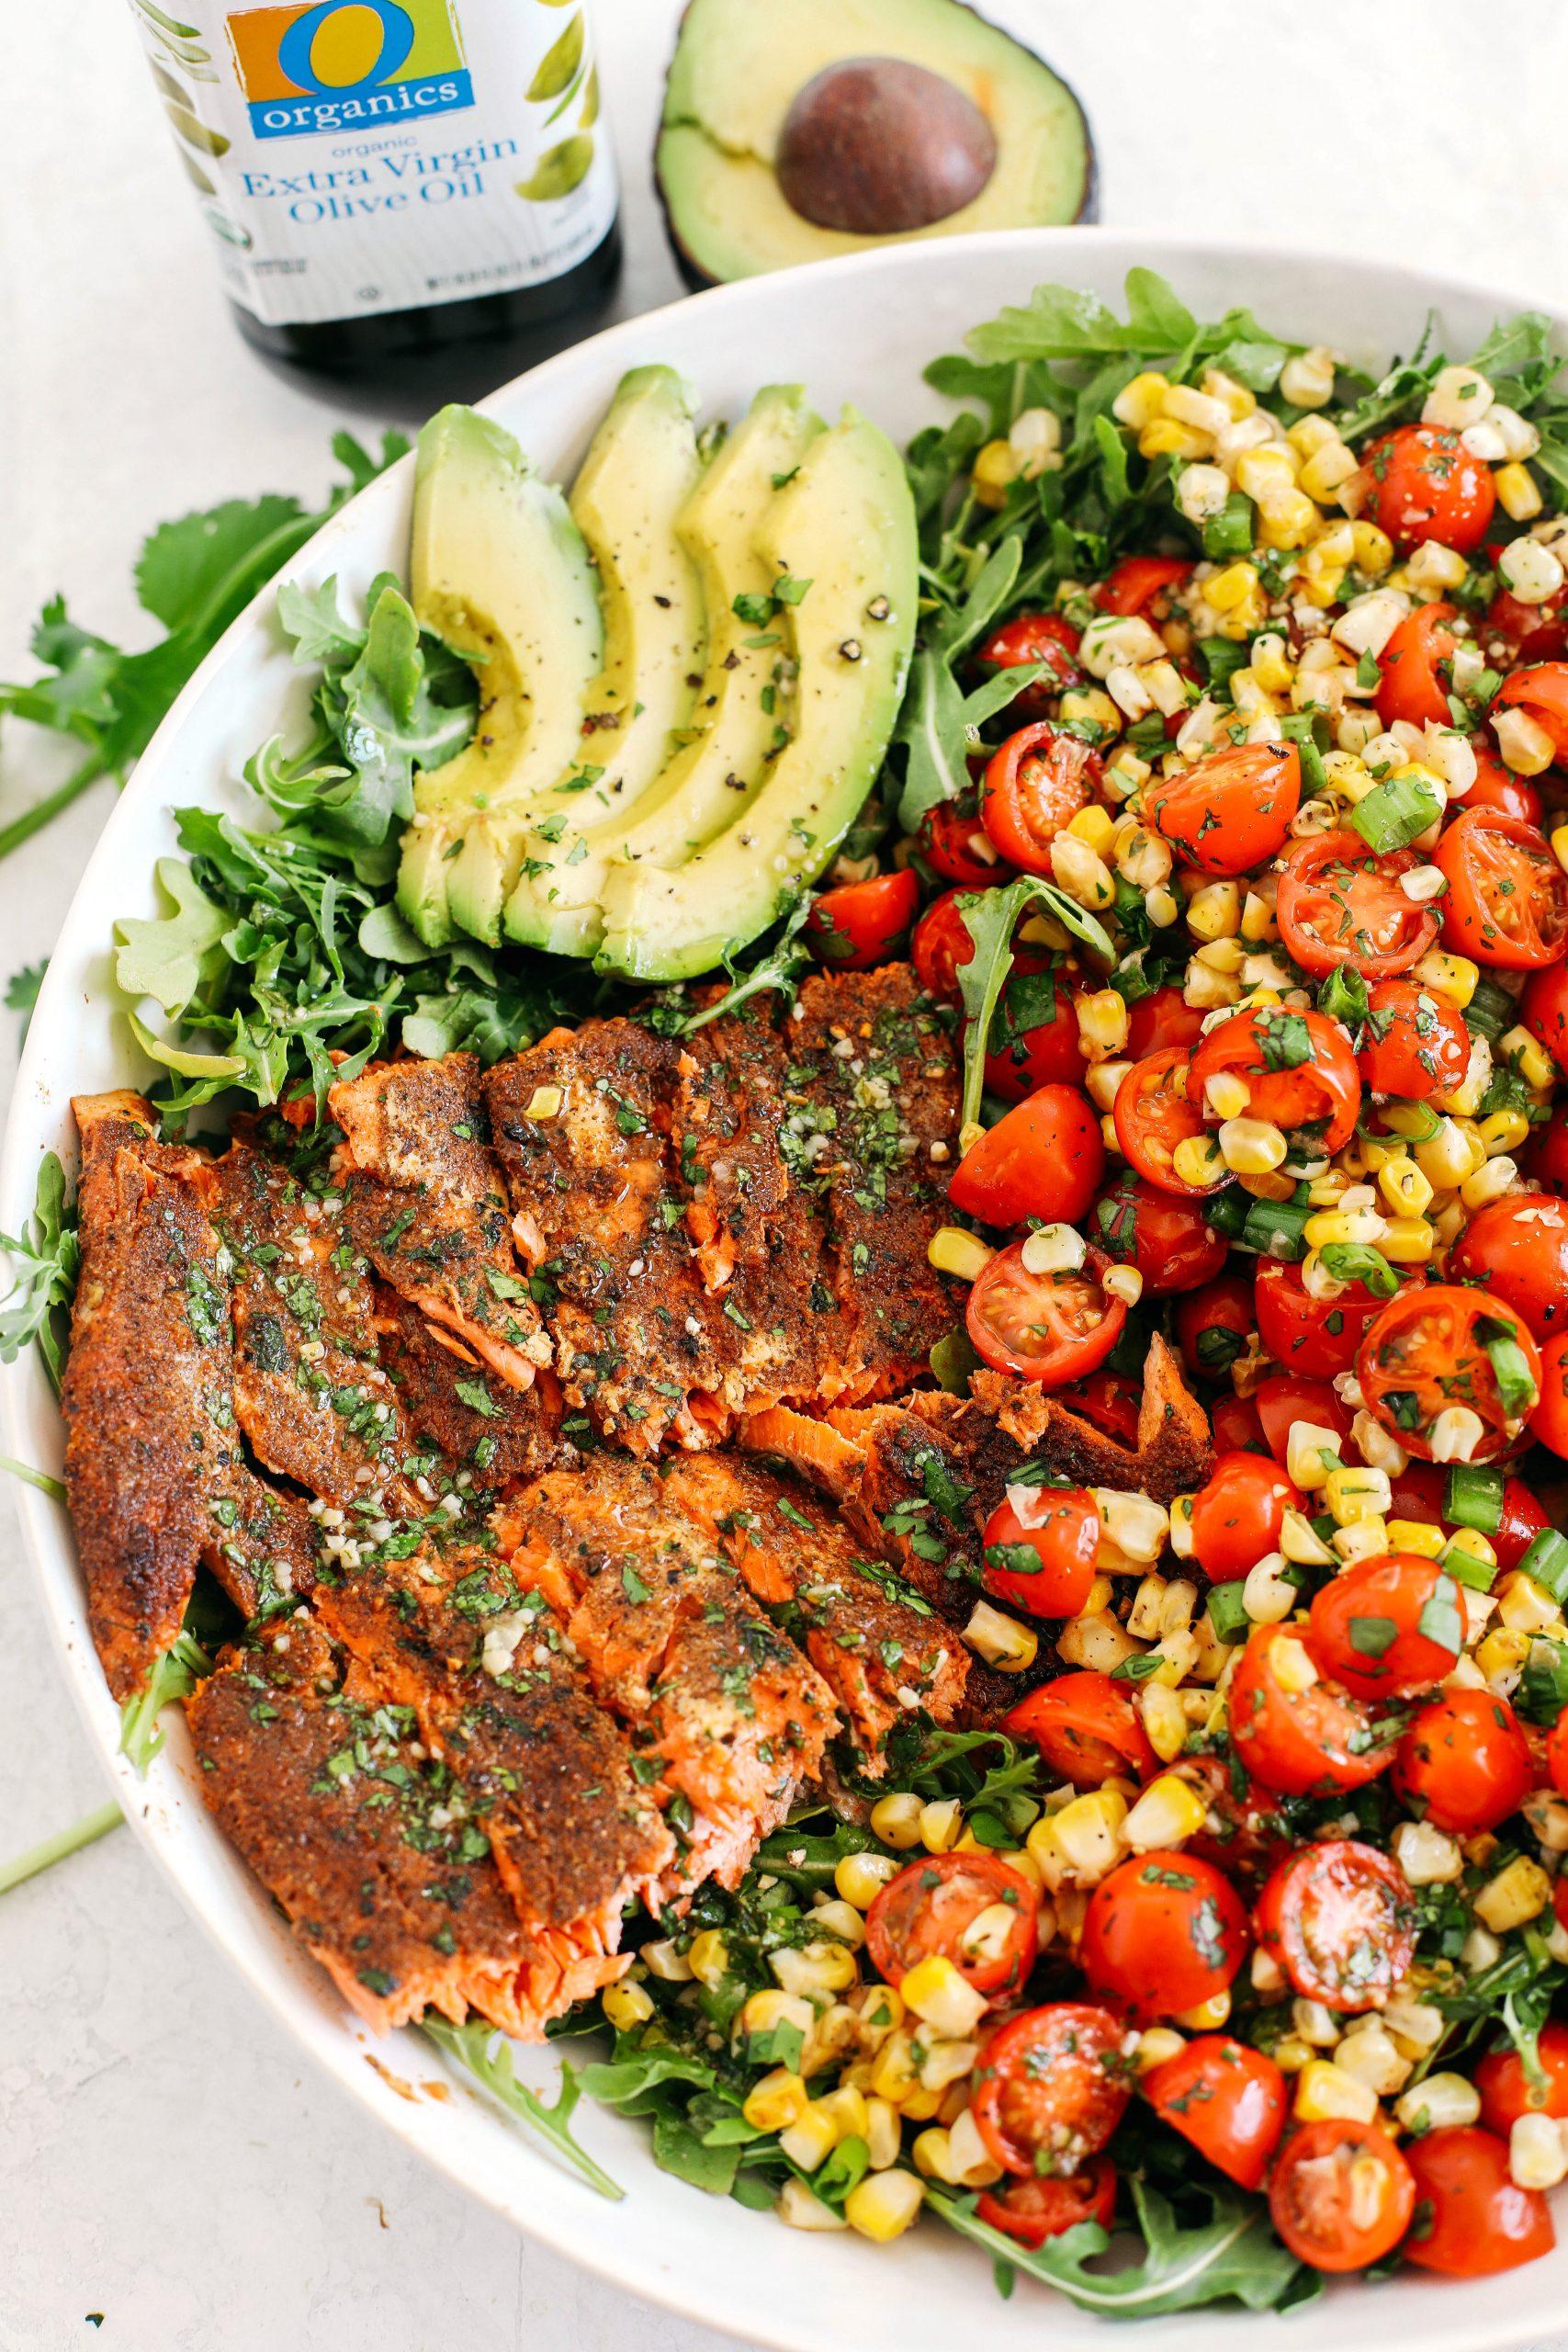 Salmão frito com pimentão com milho grelhado, tomate fresco e abacate fatiado, todos misturados com um molho de coentro e limão, fazem a salada de verão perfeita!